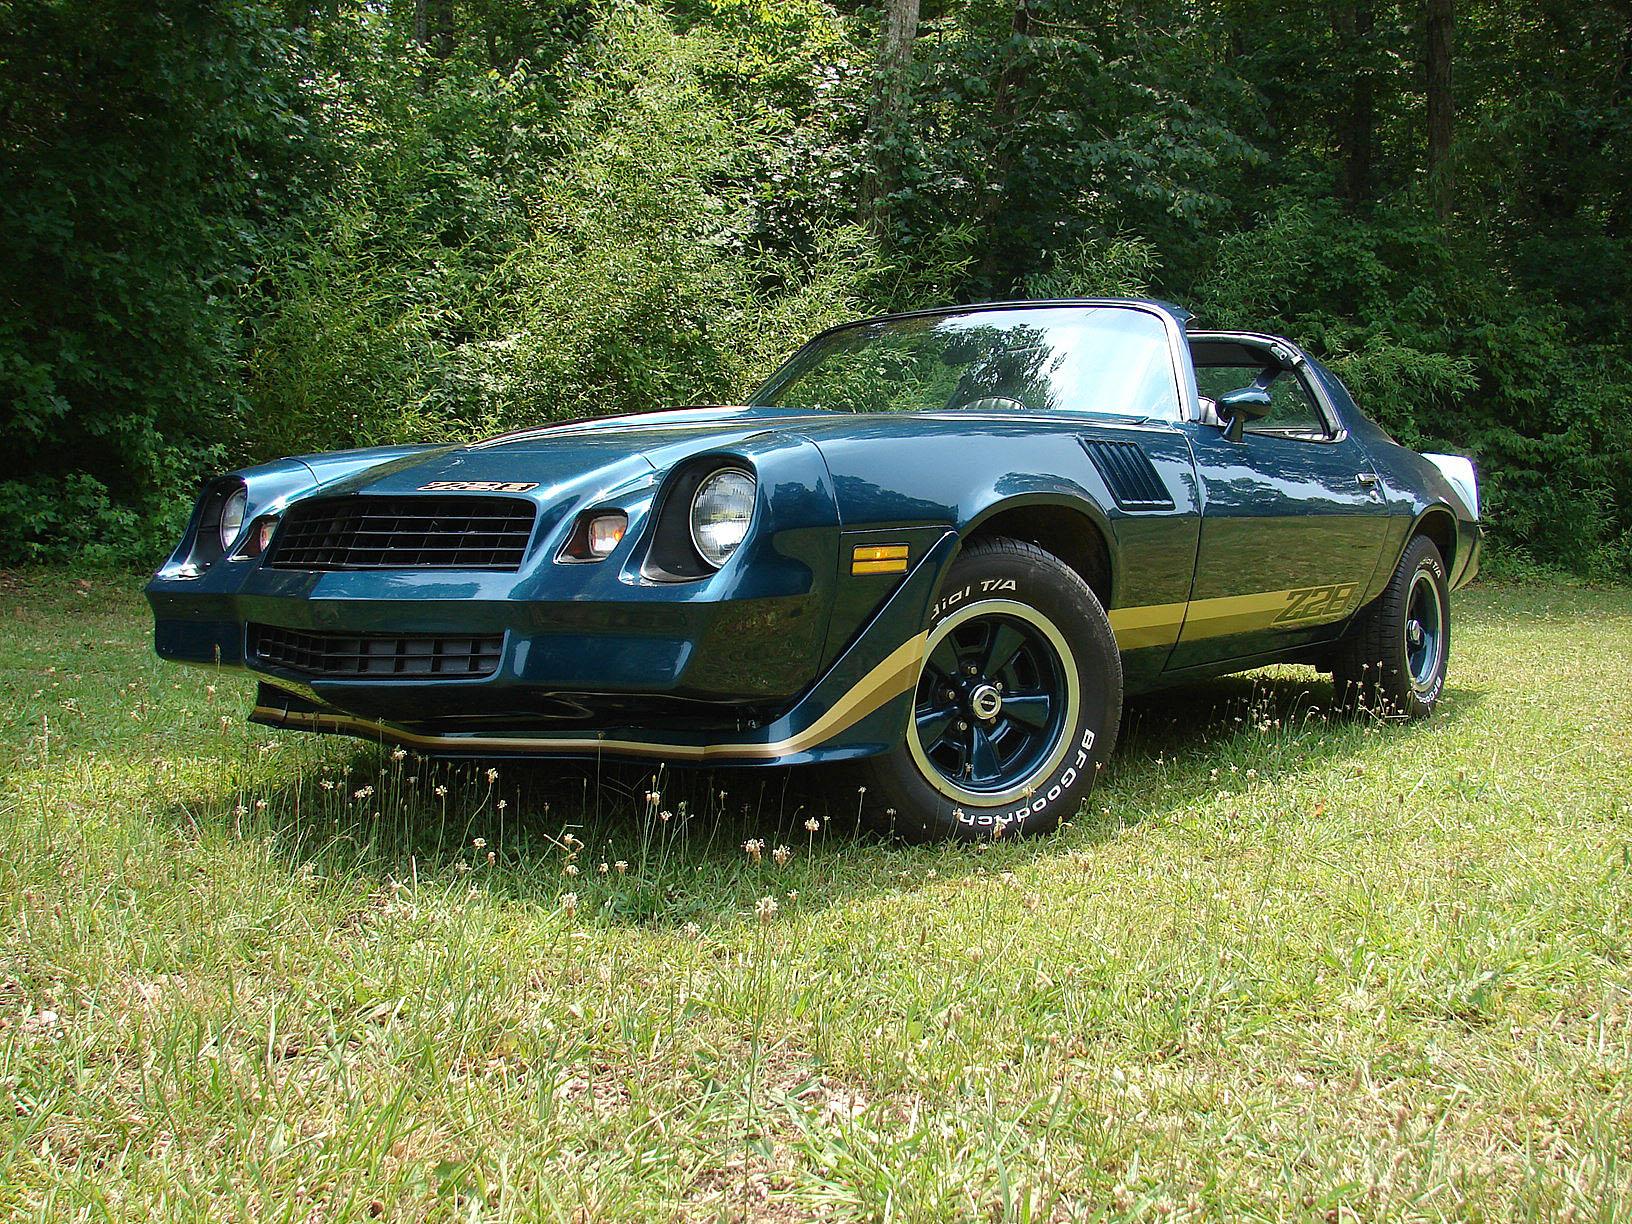 1979 Camaro Z28 Blue DiyMidcom 1632x1224